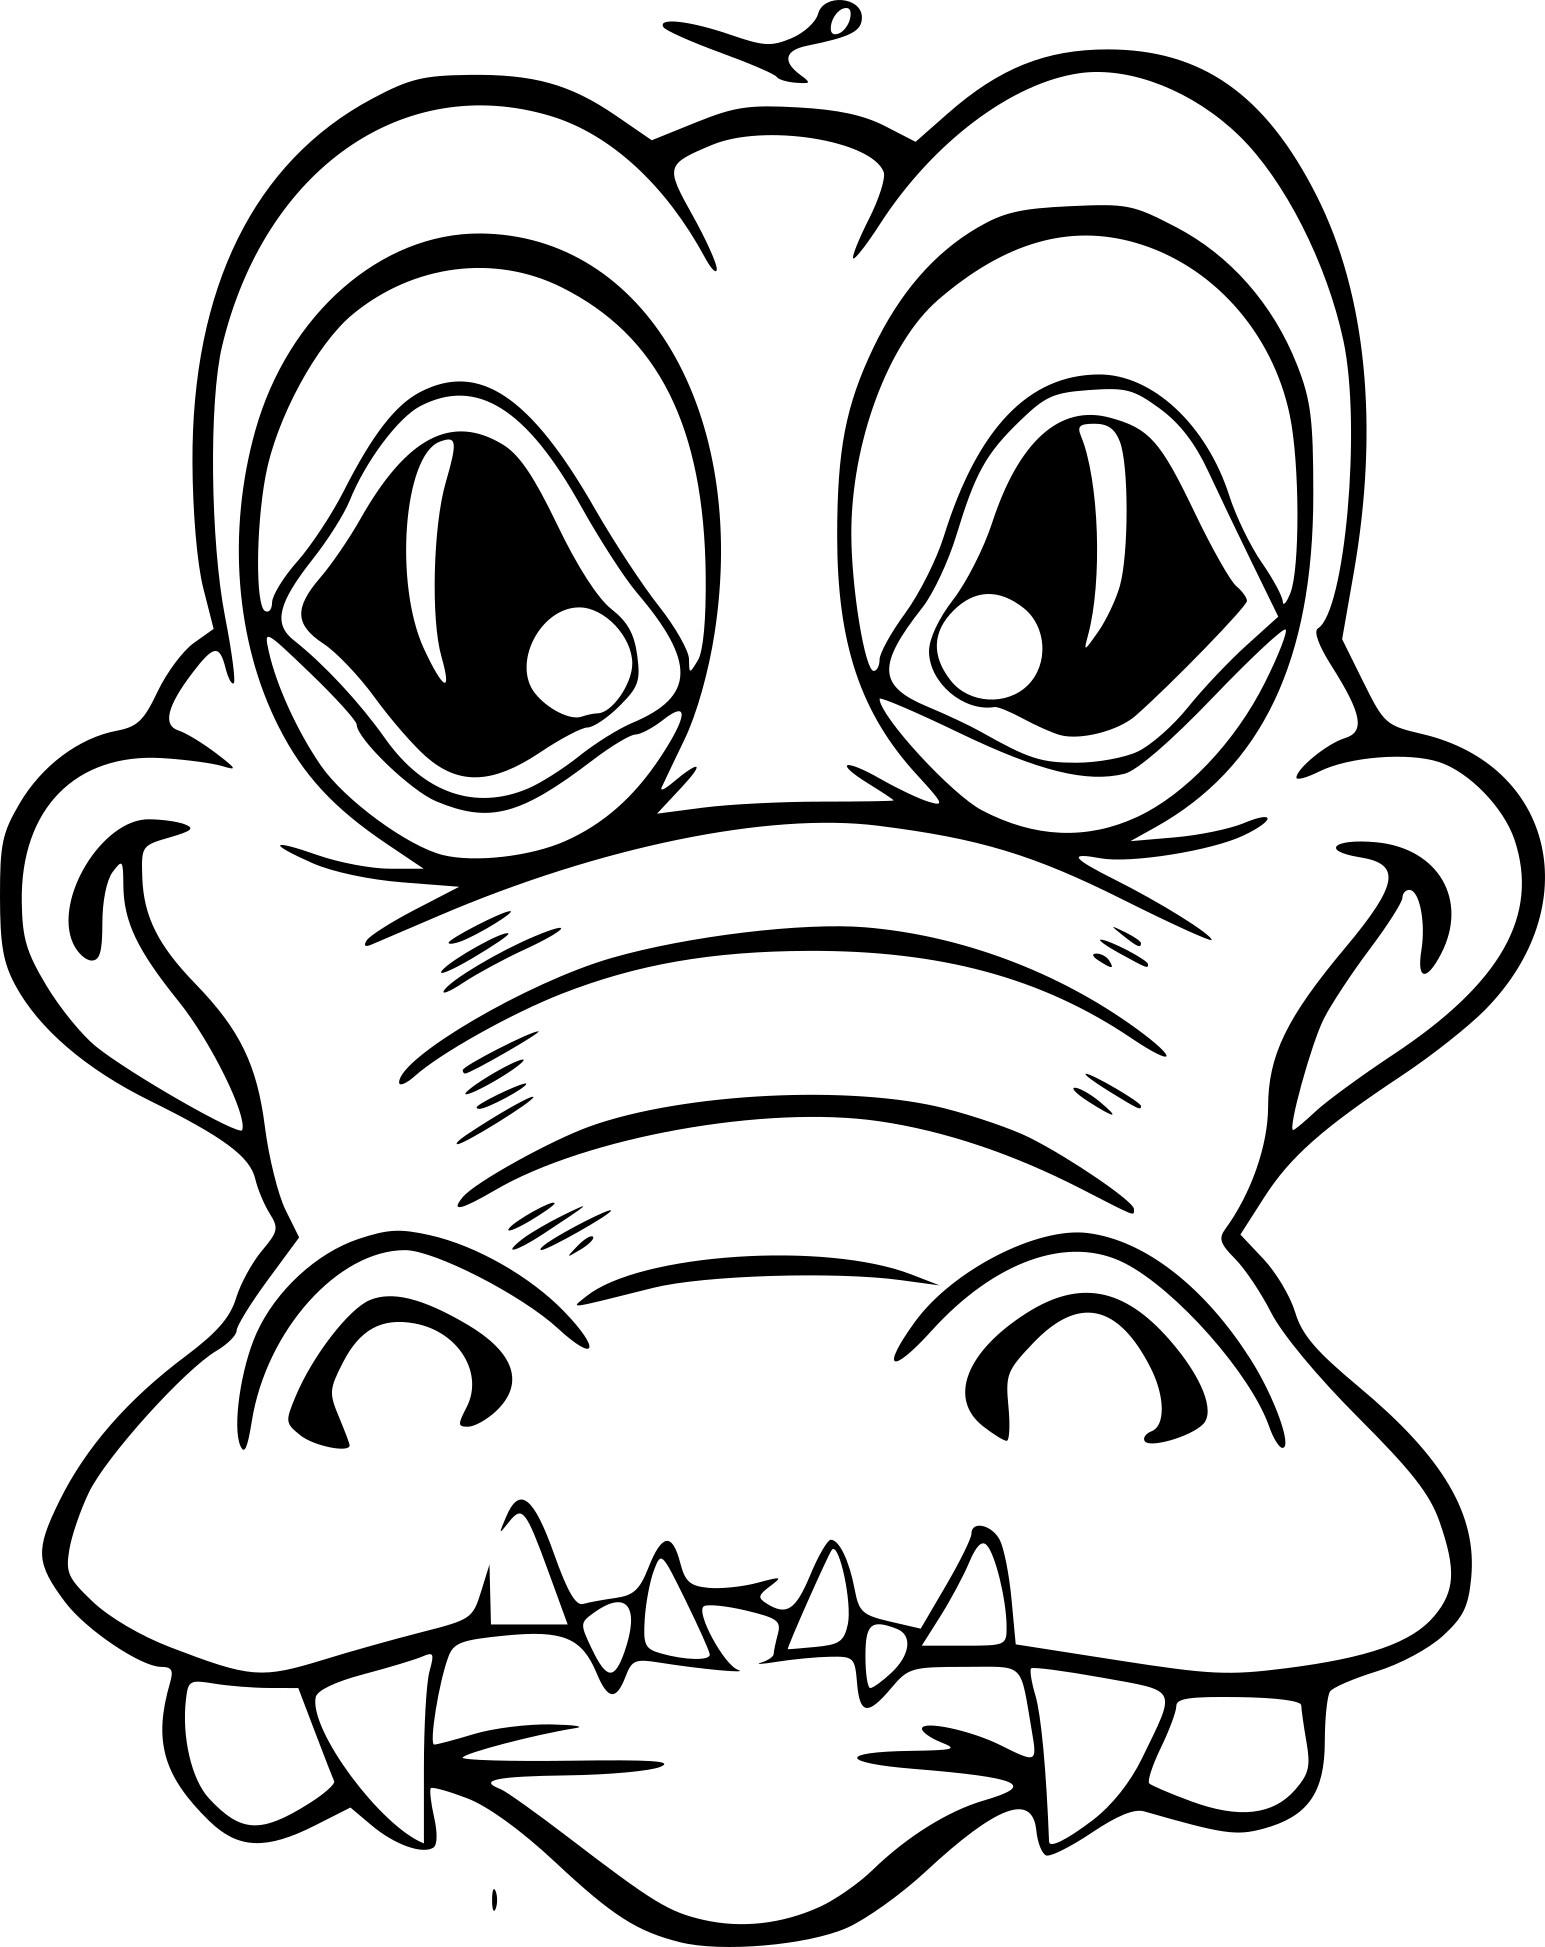 Coloriage Masque Crocodile À Imprimer Sur Coloriages concernant Photo De Crocodile A Imprimer